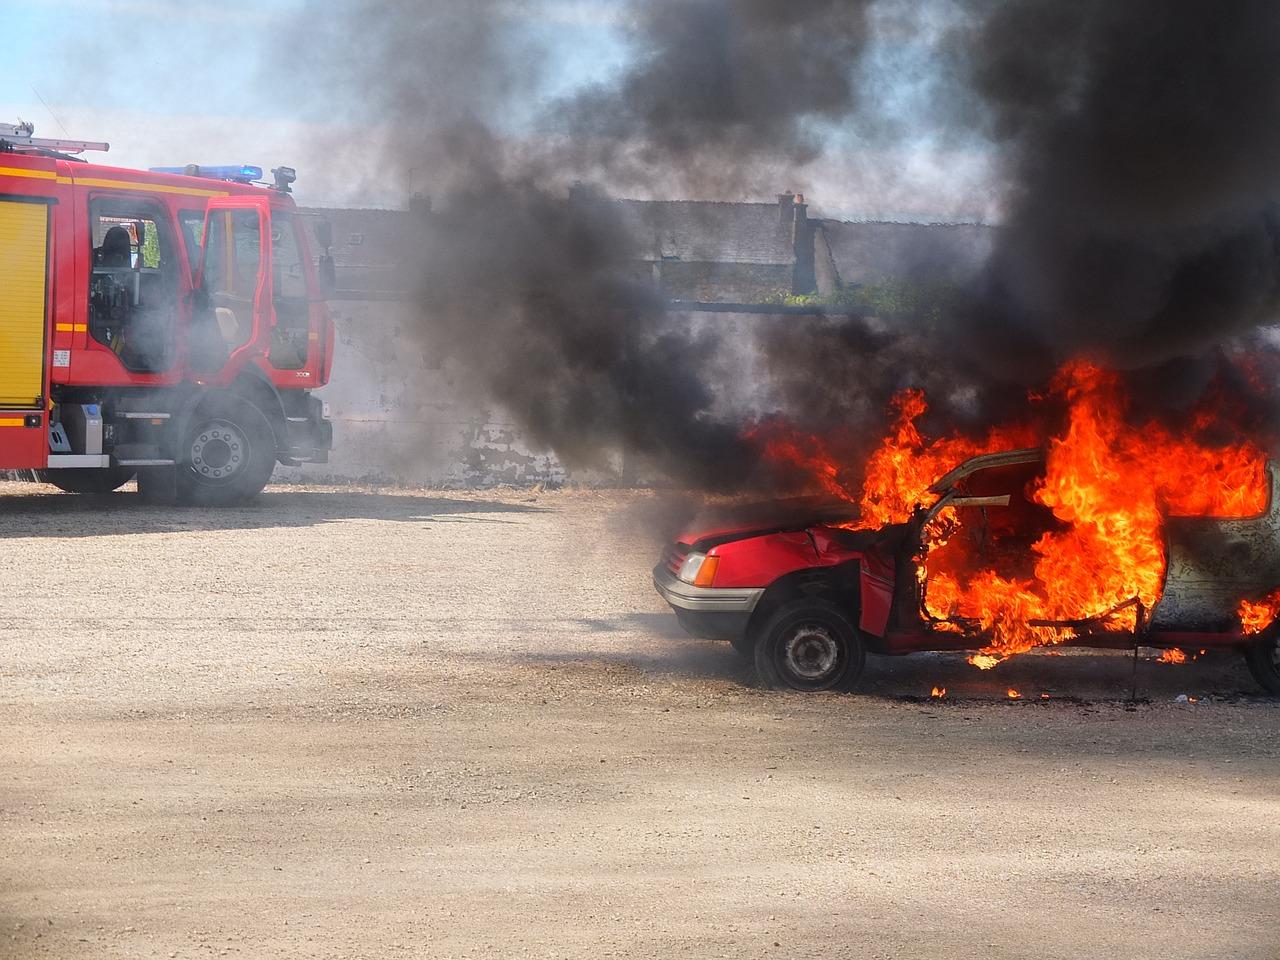 Mężczyzna rozpętał pożar w swoim miejscu pracy. W rękach miał miotacz ognia